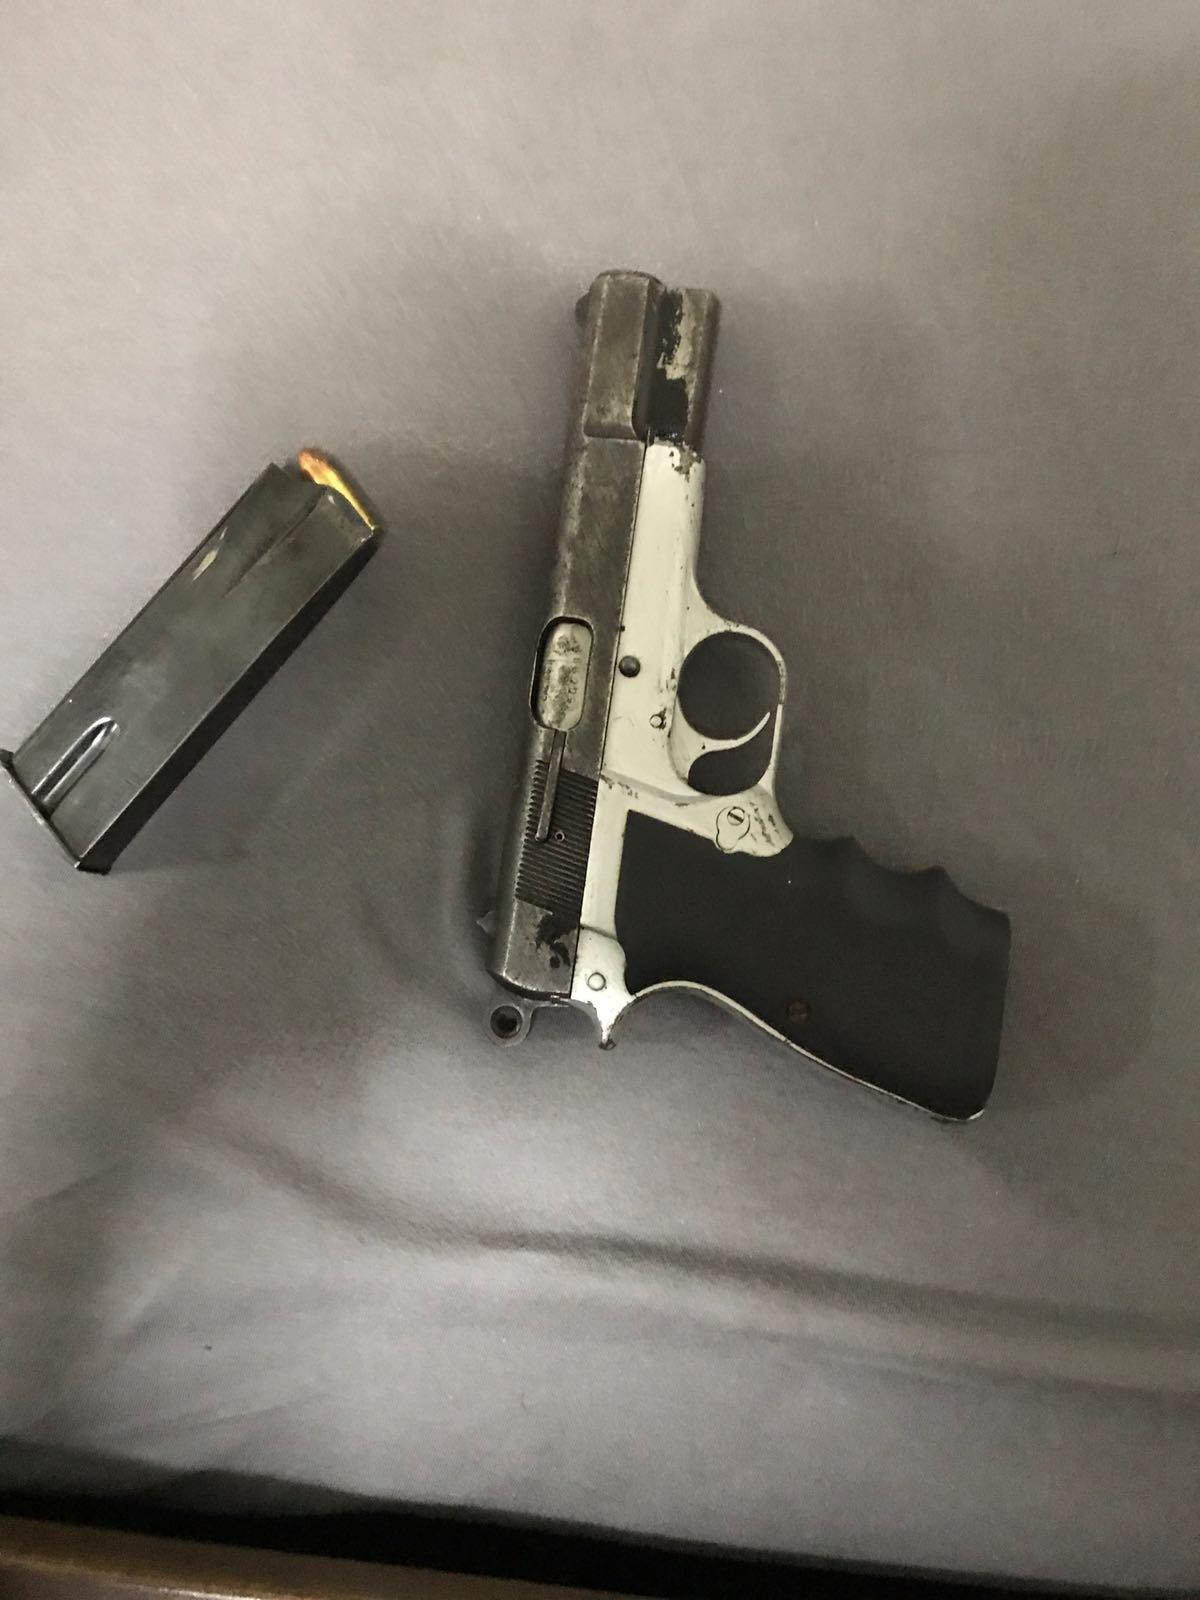 بالصور والتفاصيل: هذه الأسلحة عثرت عليها الشرطة في الناصرة وبلدات الشمال